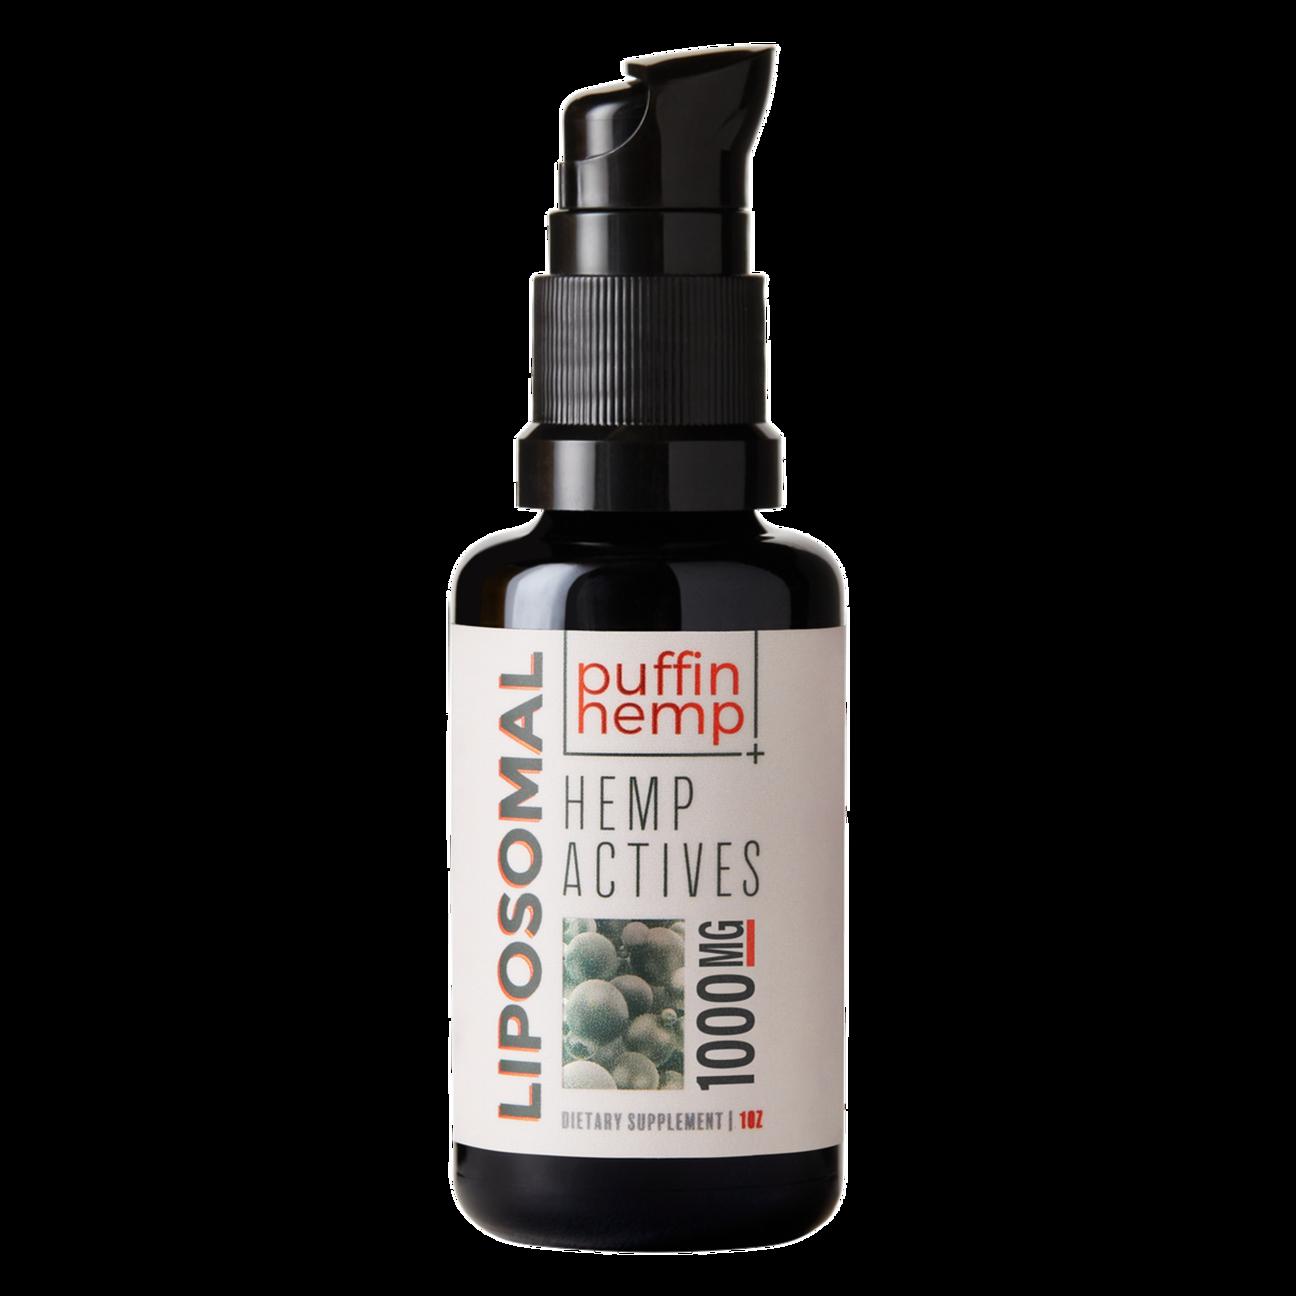 Puffin Hemp Liposomal CBD Oil 1000mg